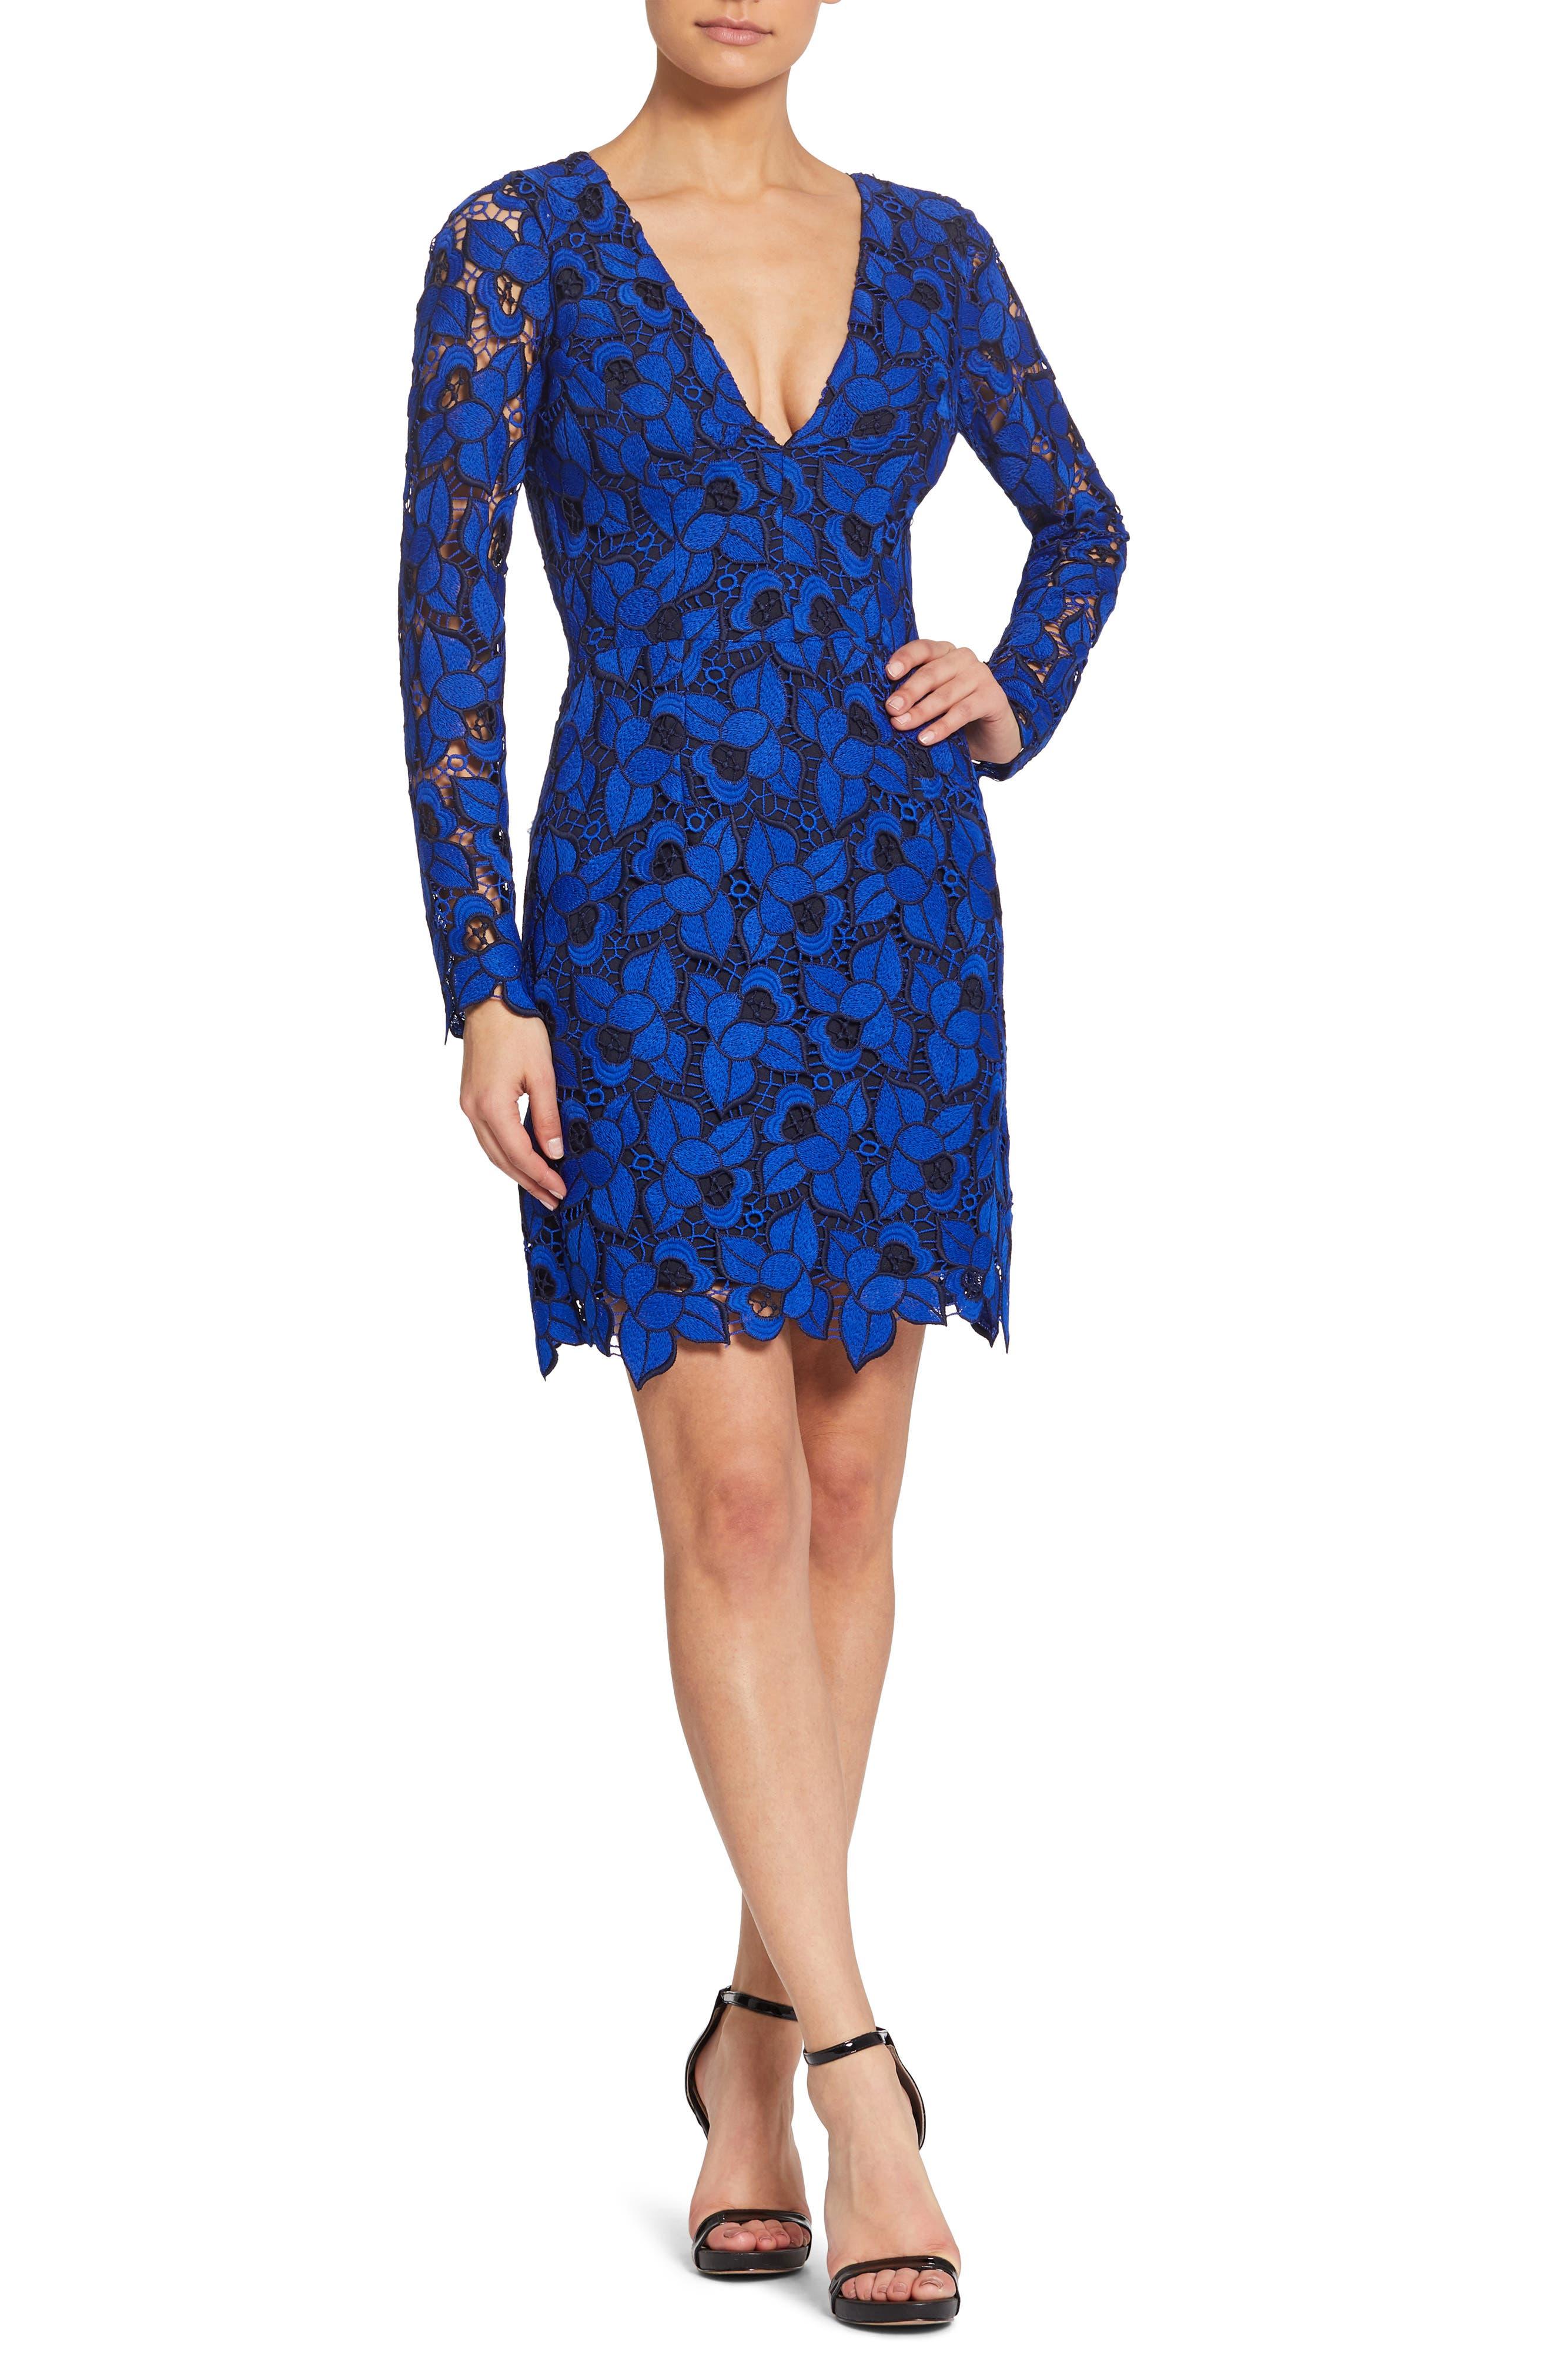 DRESS THE POPULATION Katherine Short Lace Cocktail Dress in Cobalt/ Black